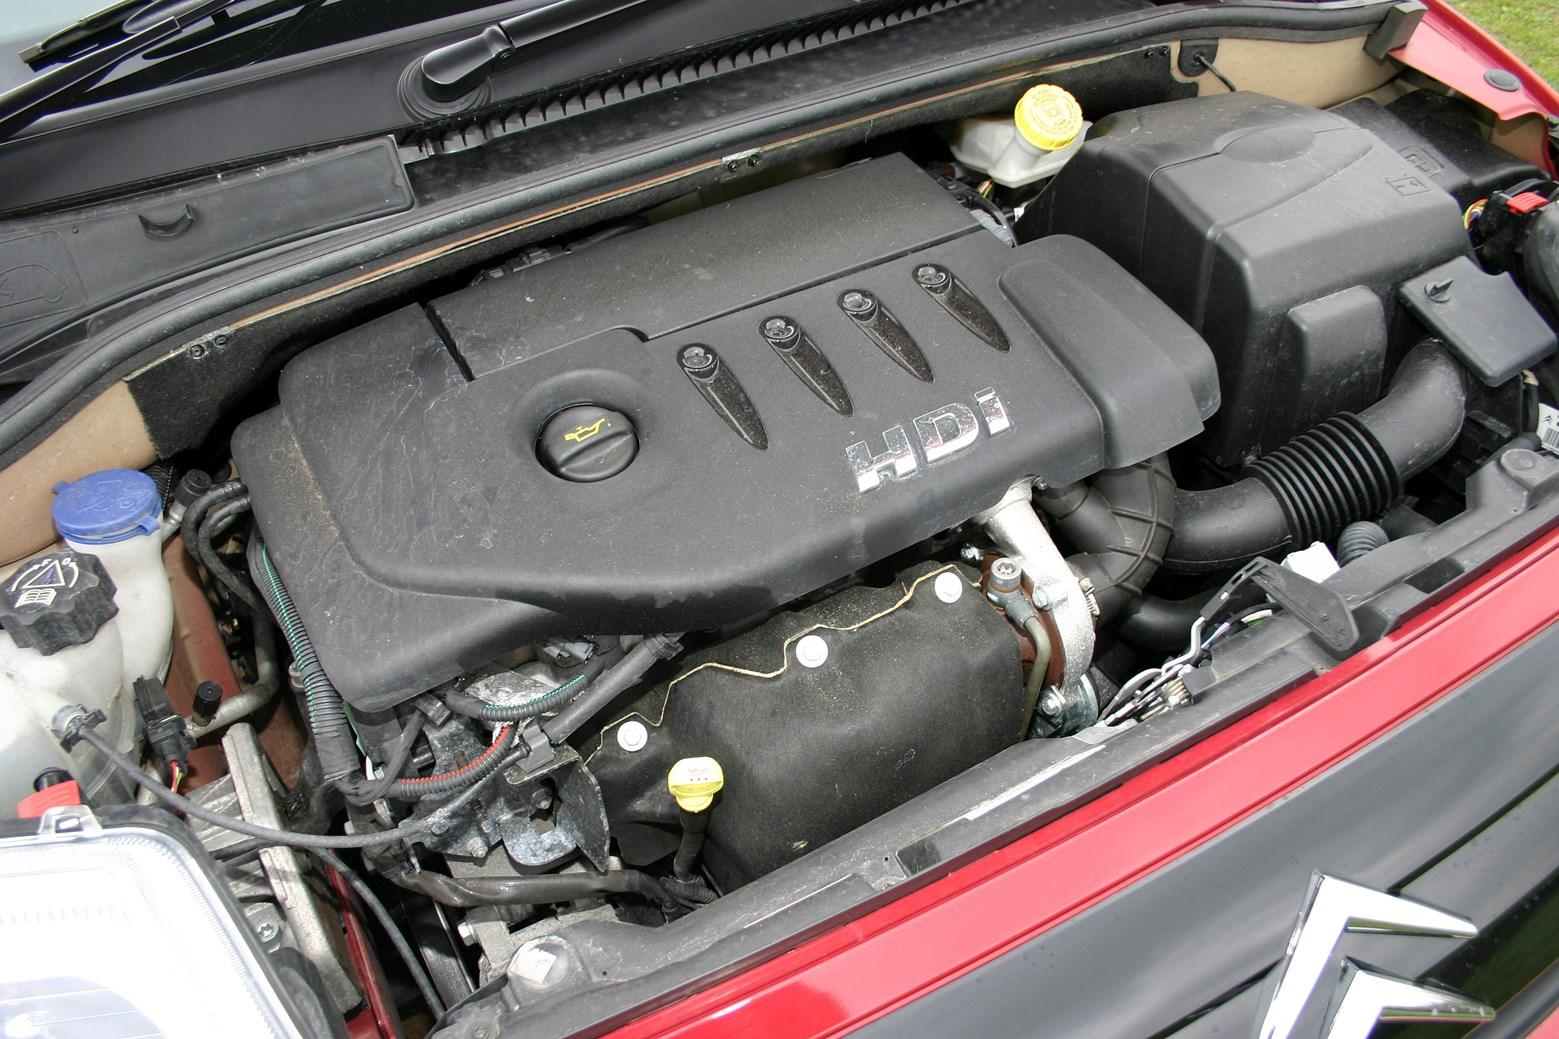 Ford Fiesta Hatchback >> Used Citroën C2 Hatchback (2003 - 2009) MPG | Parkers